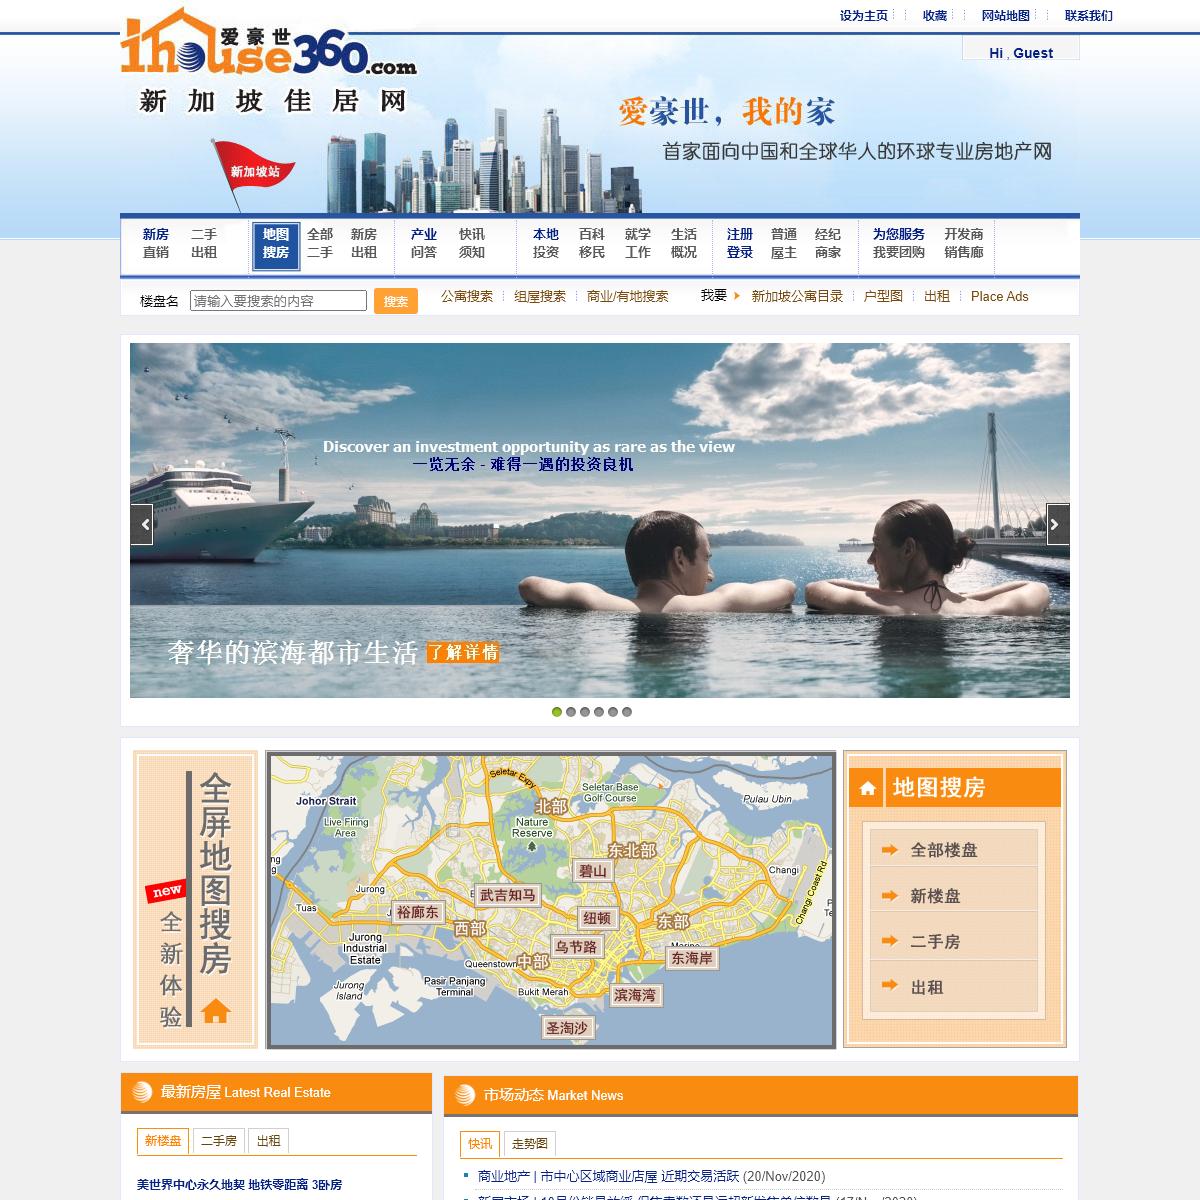 爱豪世-新加坡房地产中文门户网站